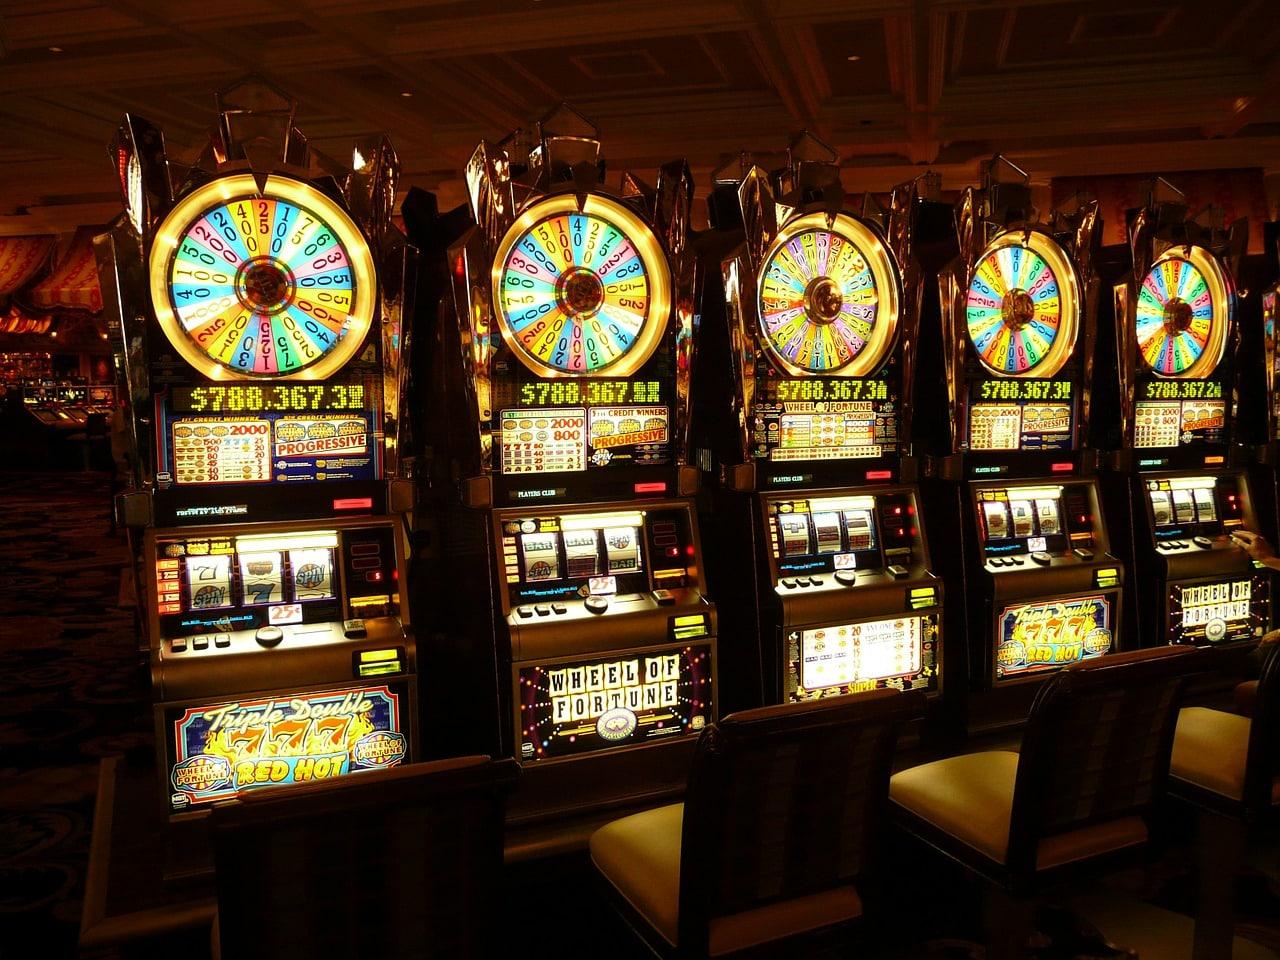 Billedet viser 5 spillemaskiner på et casino, hvilket forbinder billedet med spilleautomater